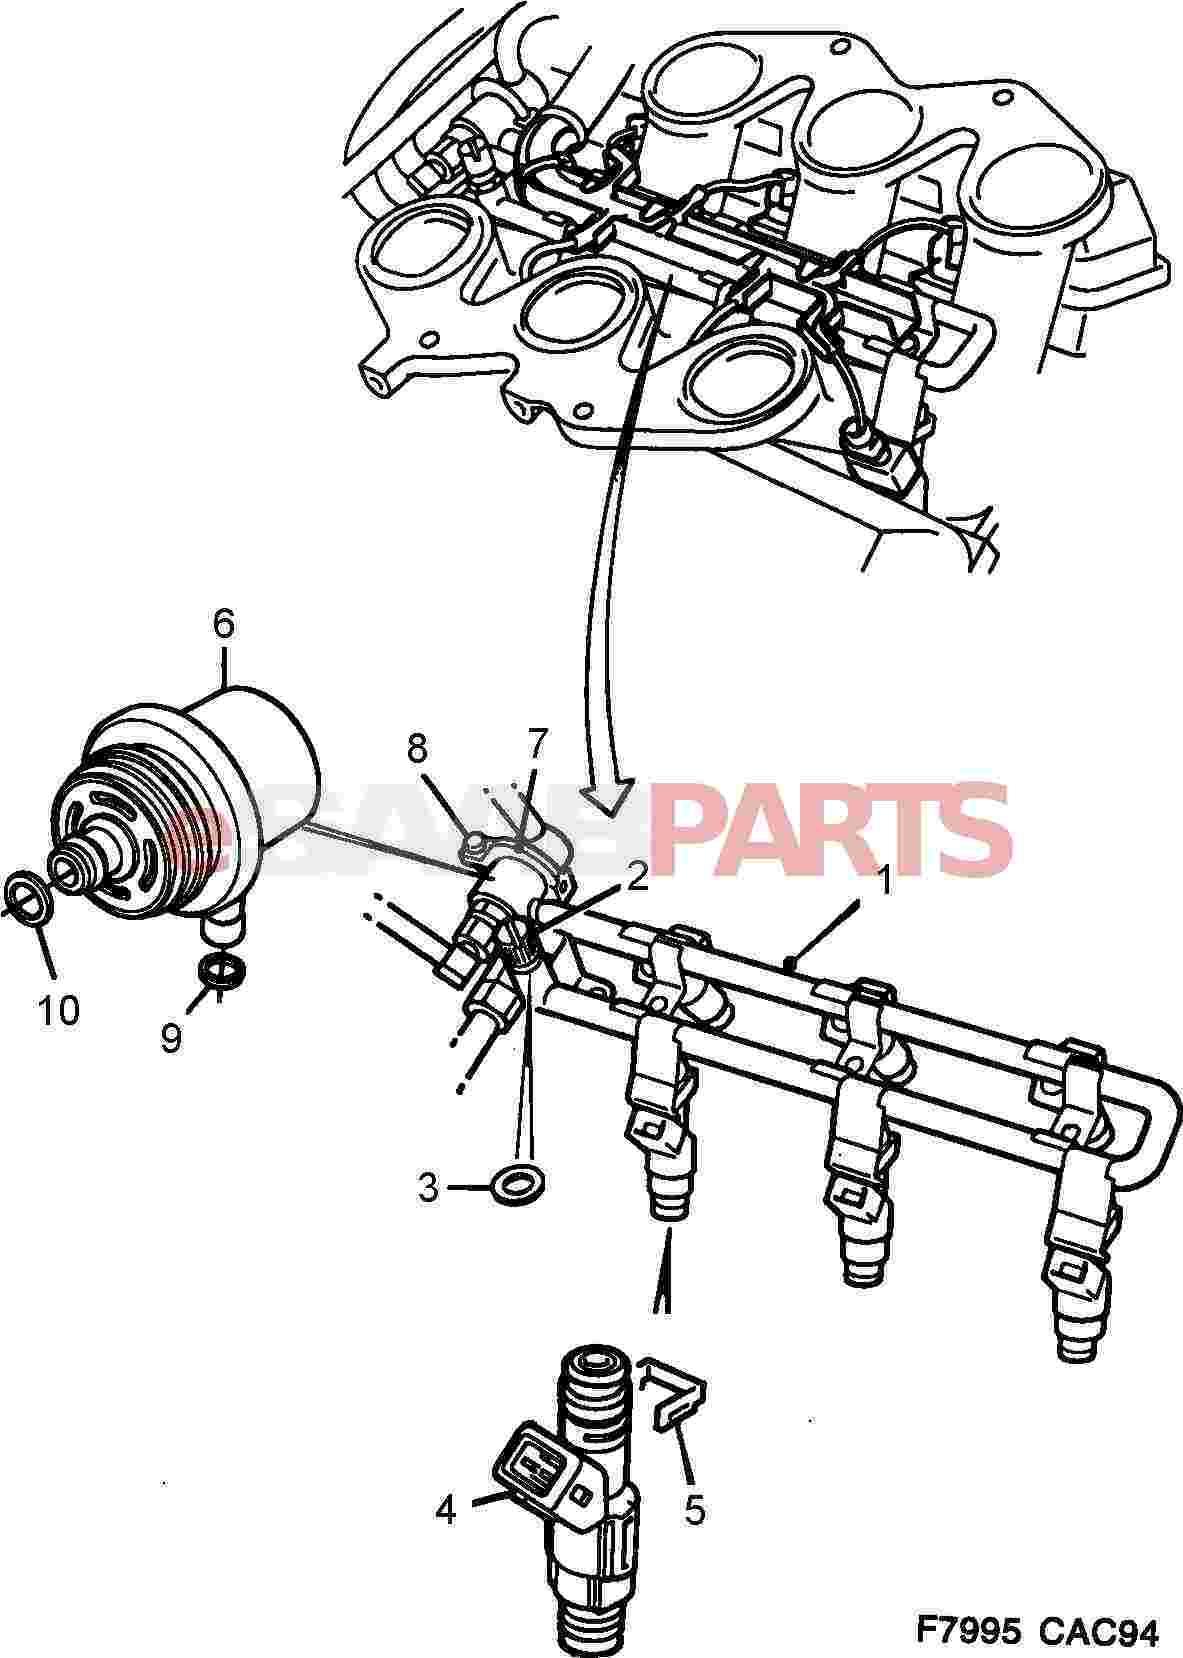 2004 saab 9 3 wiring diagram club car 2003 convertible